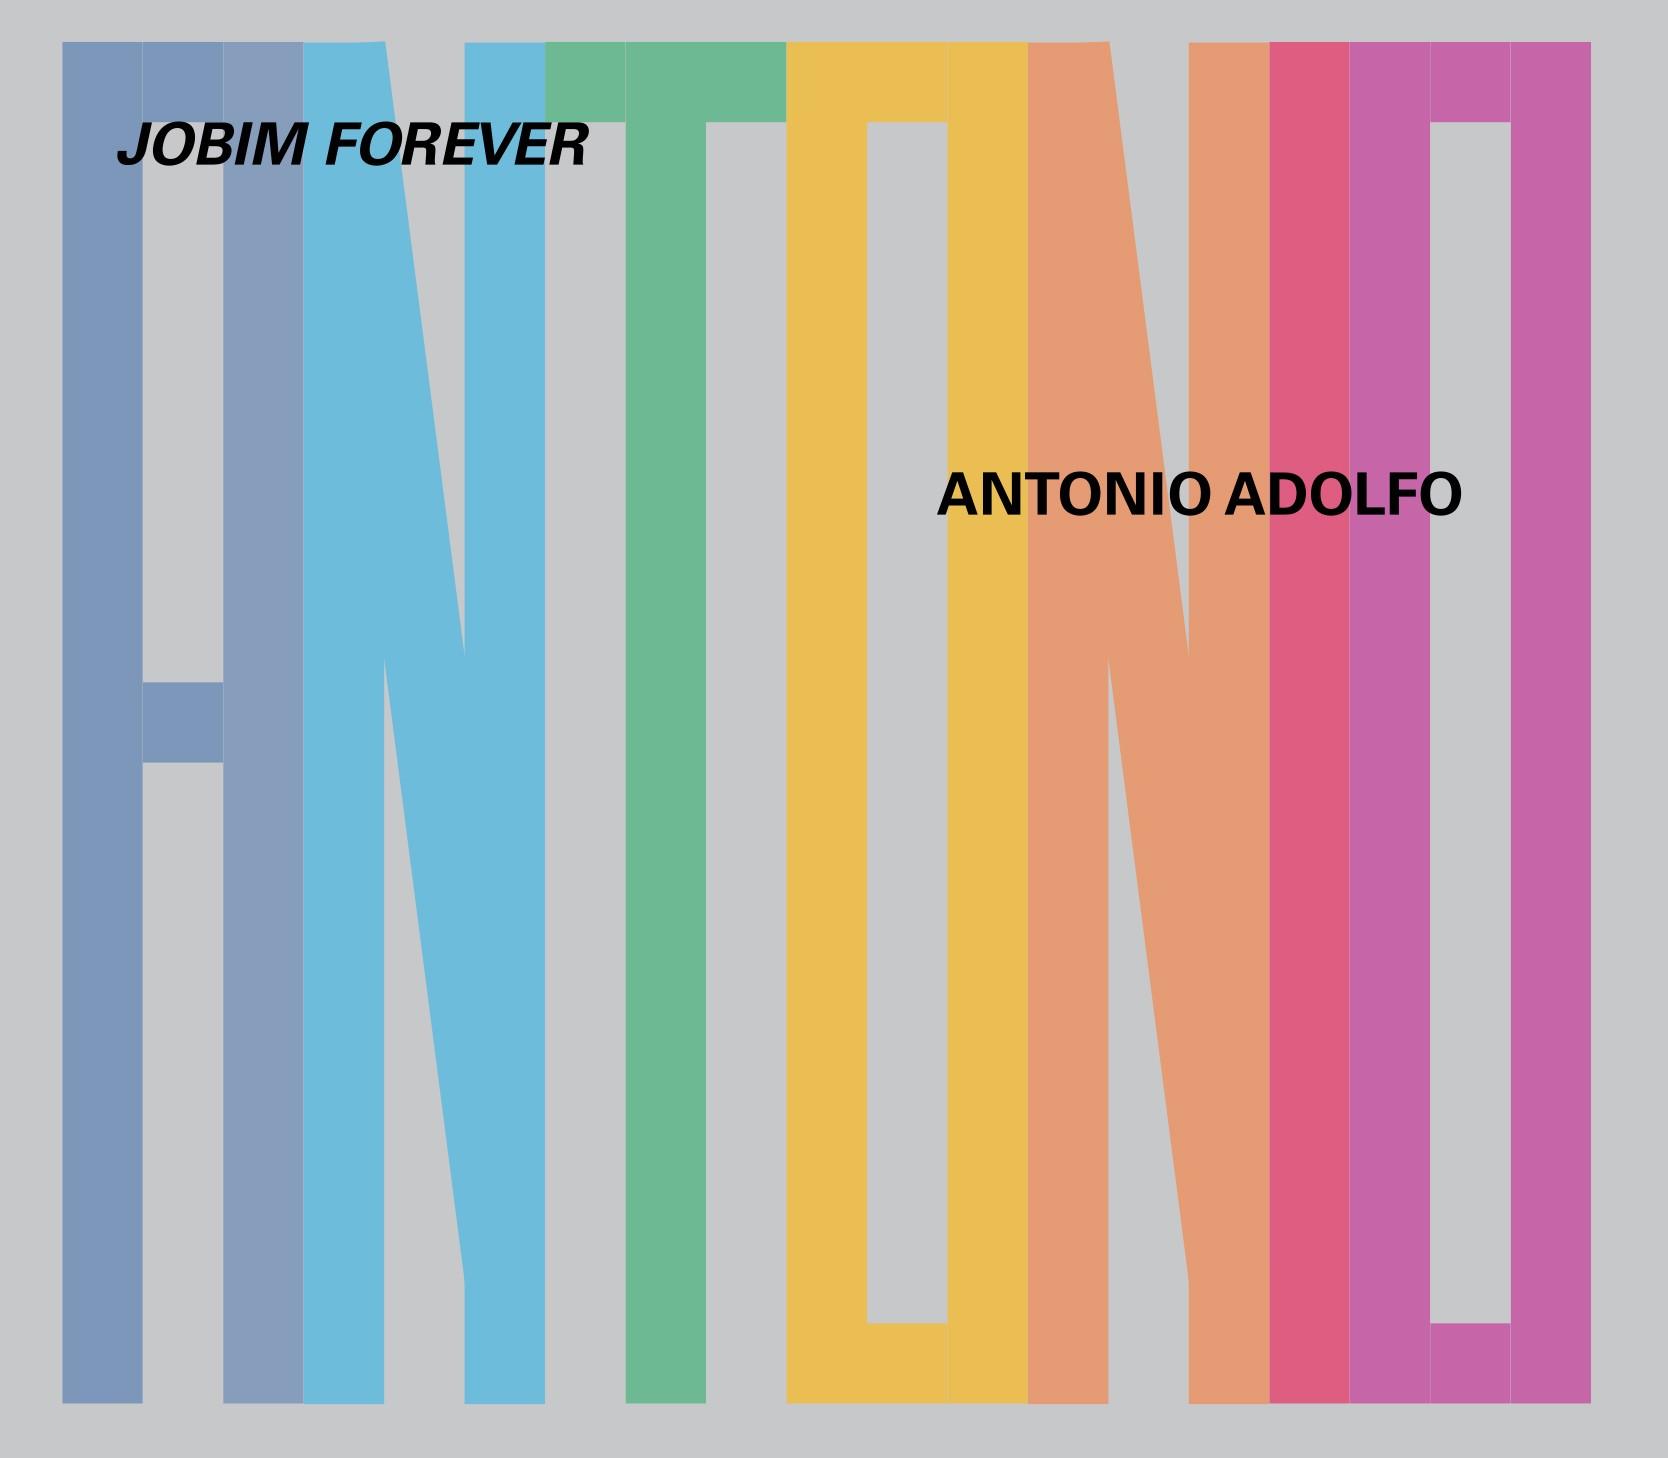 Pianista Antonio Adolfo entra no Tom carioca dos anos 1960 com o álbum 'Jobim forever'